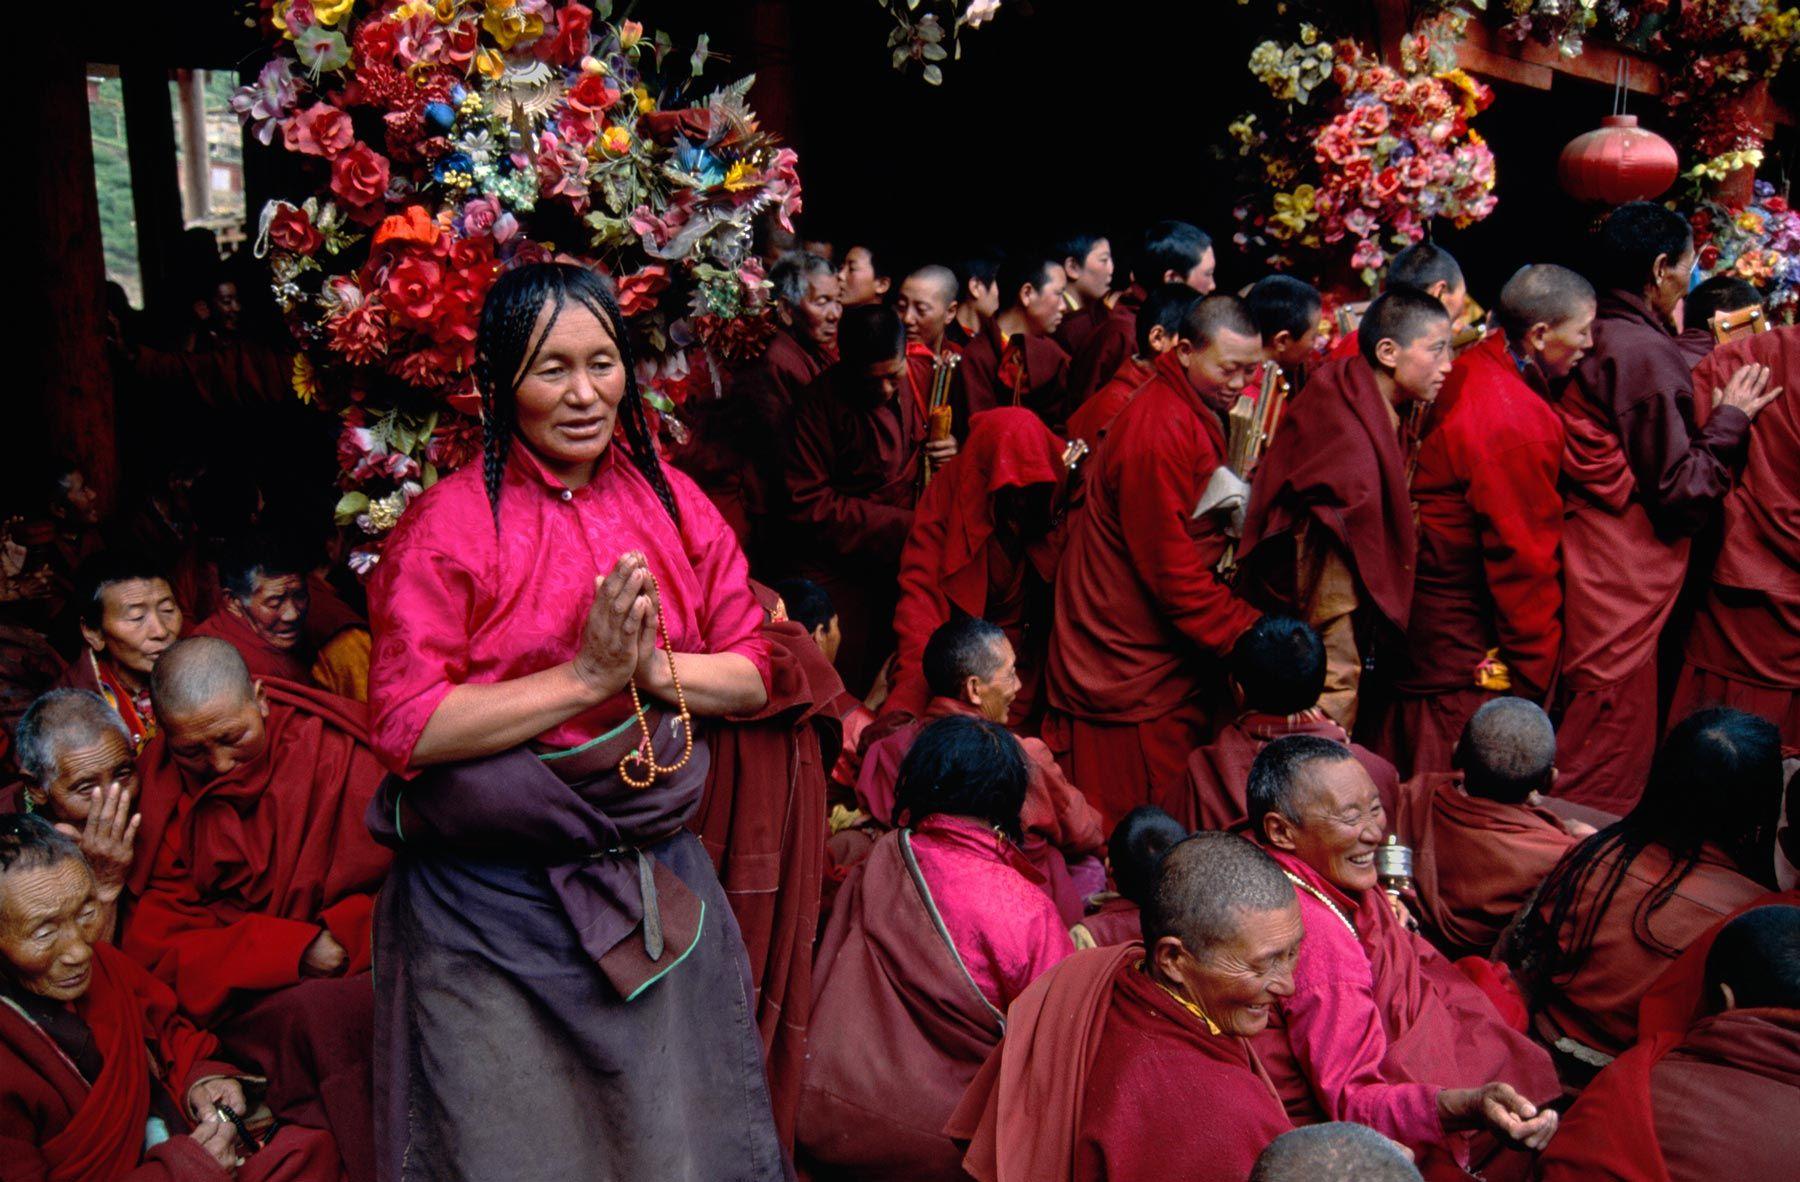 Larum Gar, Kham, Tibet | Steve McCurry